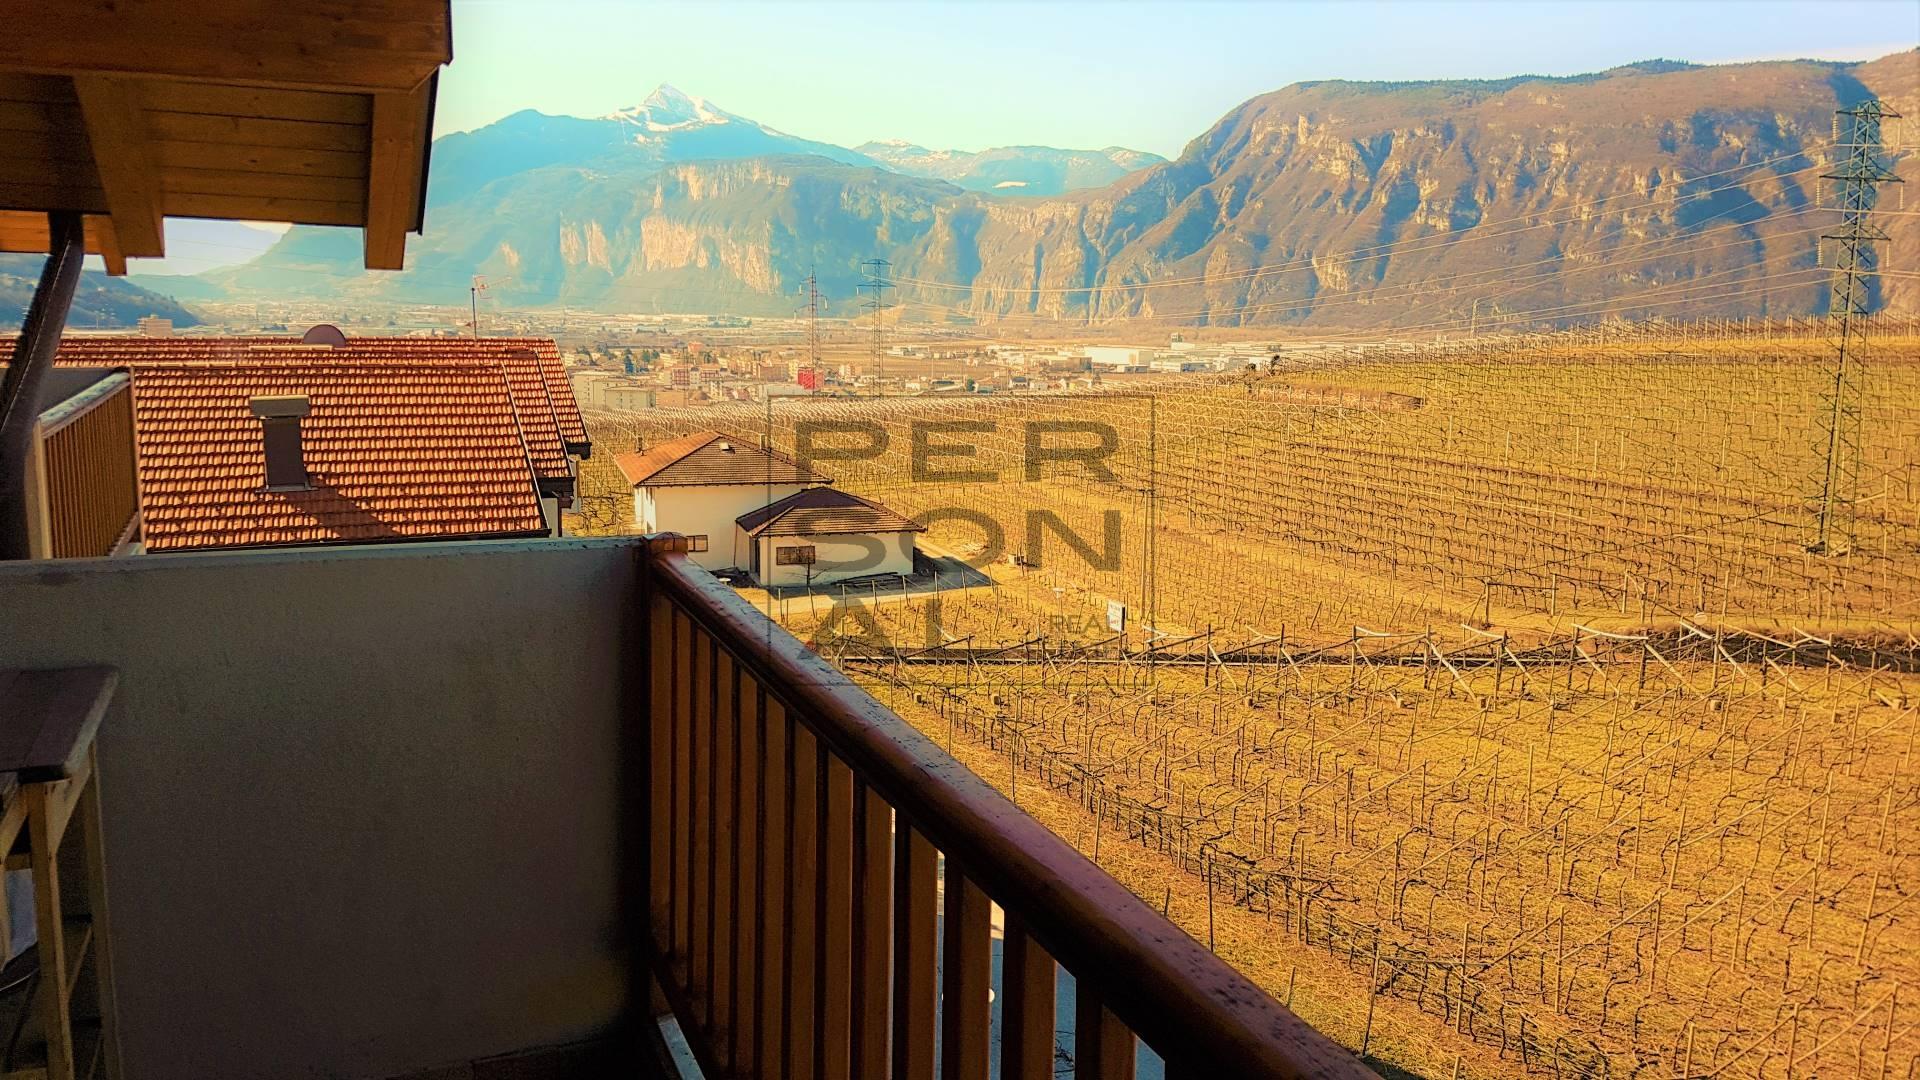 Appartamento in vendita a Lavis, 3 locali, zona Località: Lavis, prezzo € 187.000   CambioCasa.it